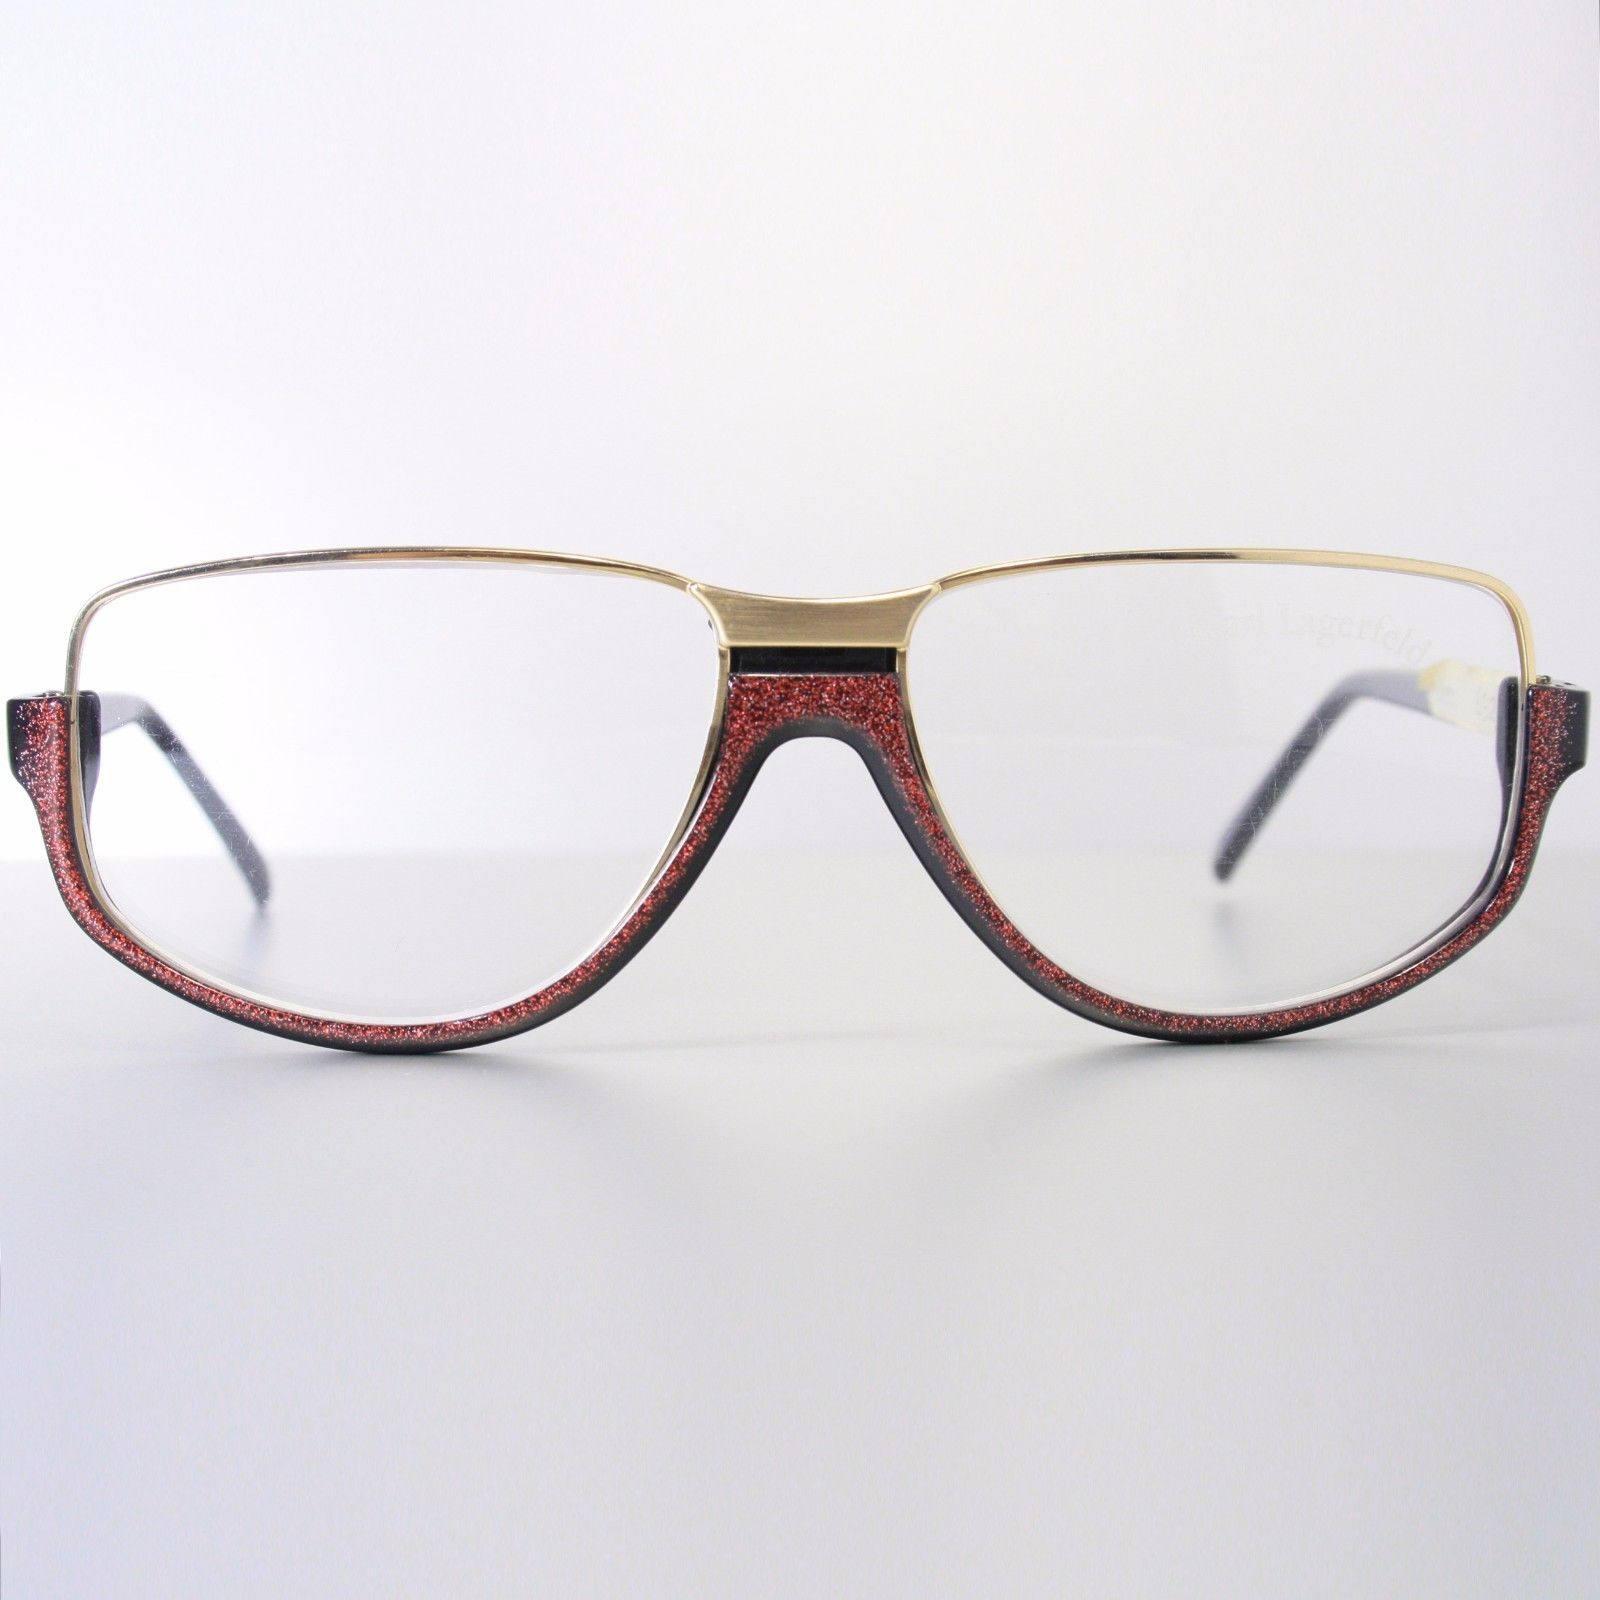 Unworn KARL LAGERFELD Vintage Hard to Find Genuine German Designer ...